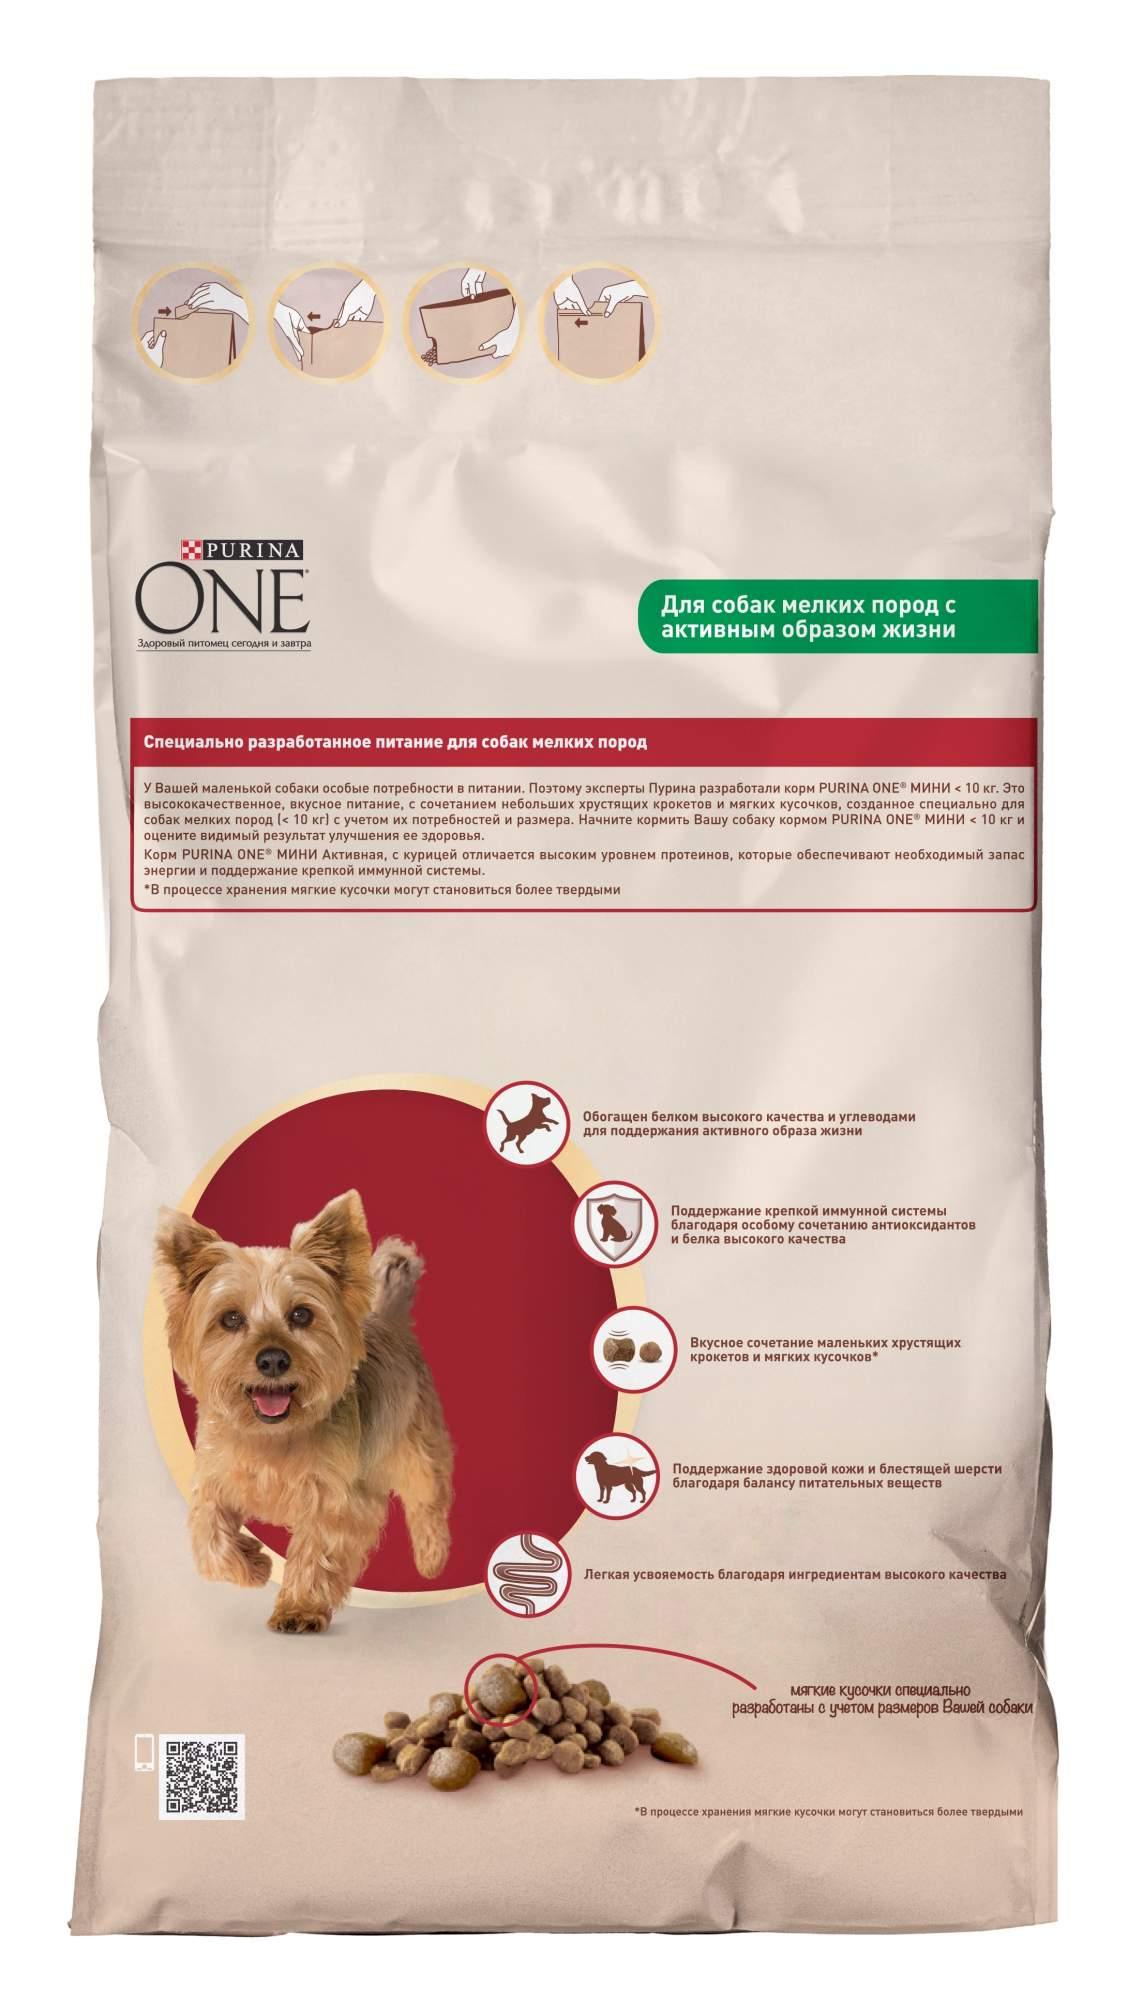 Рейтинг собачьих кормов премиум-класса и выше: список самых лучших продуктов для собак мелких и крупных пород